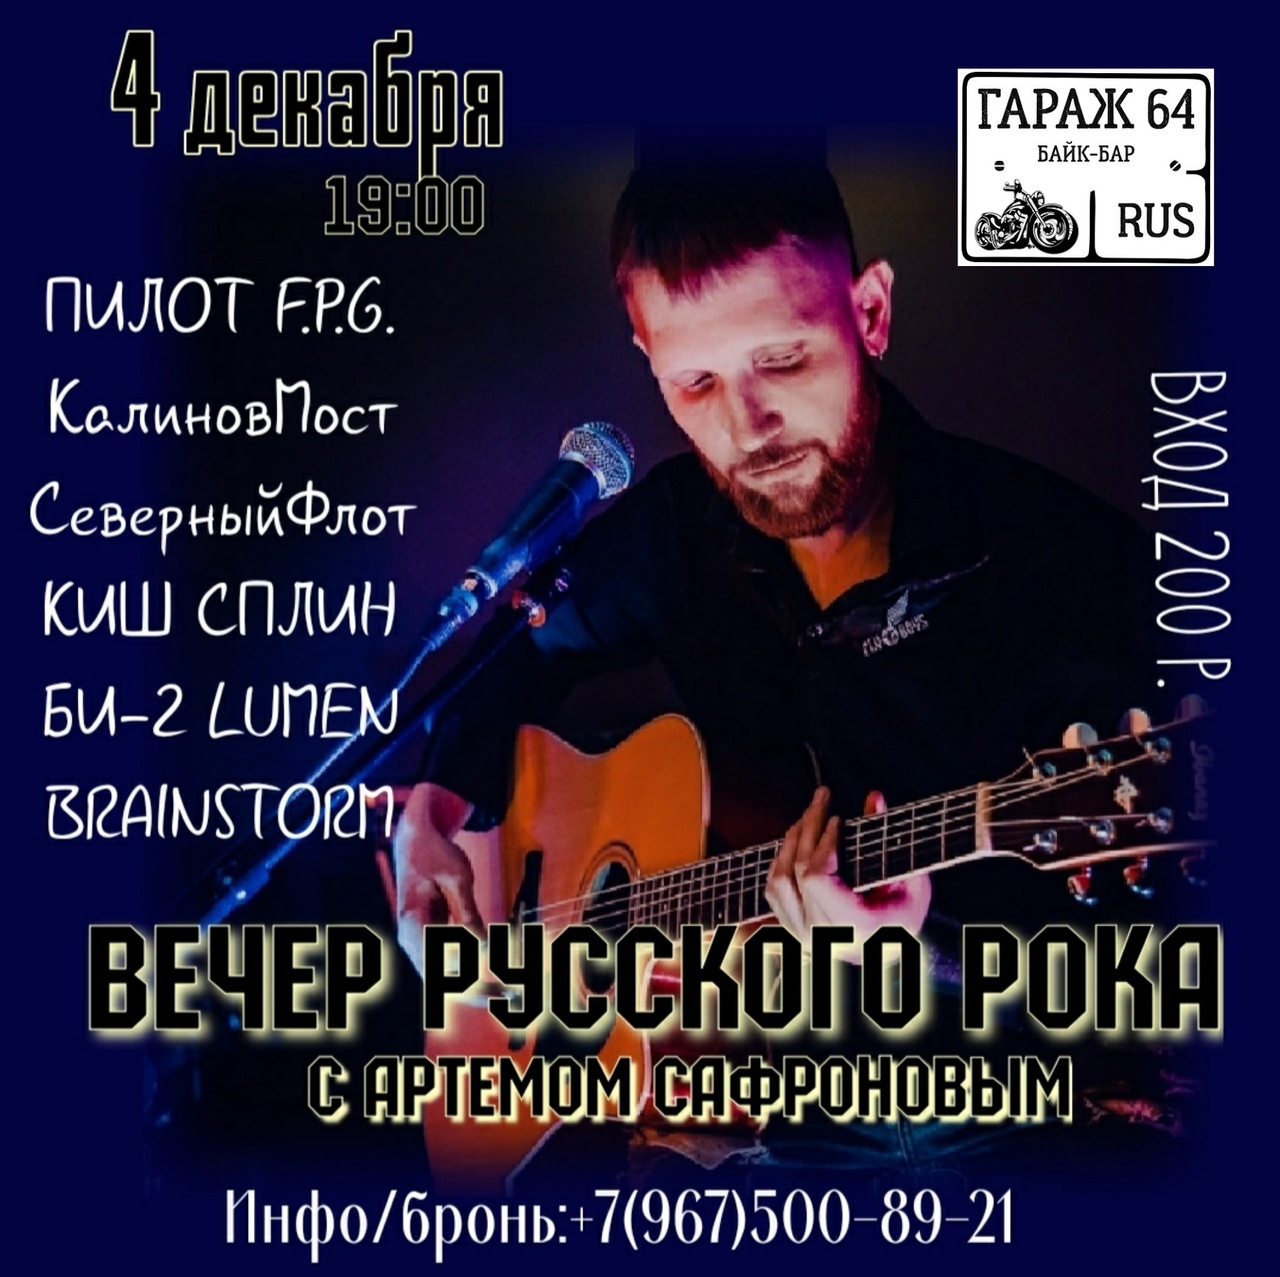 Афиша Саратов Вечер русского рока с А. Сафроновым/4.12